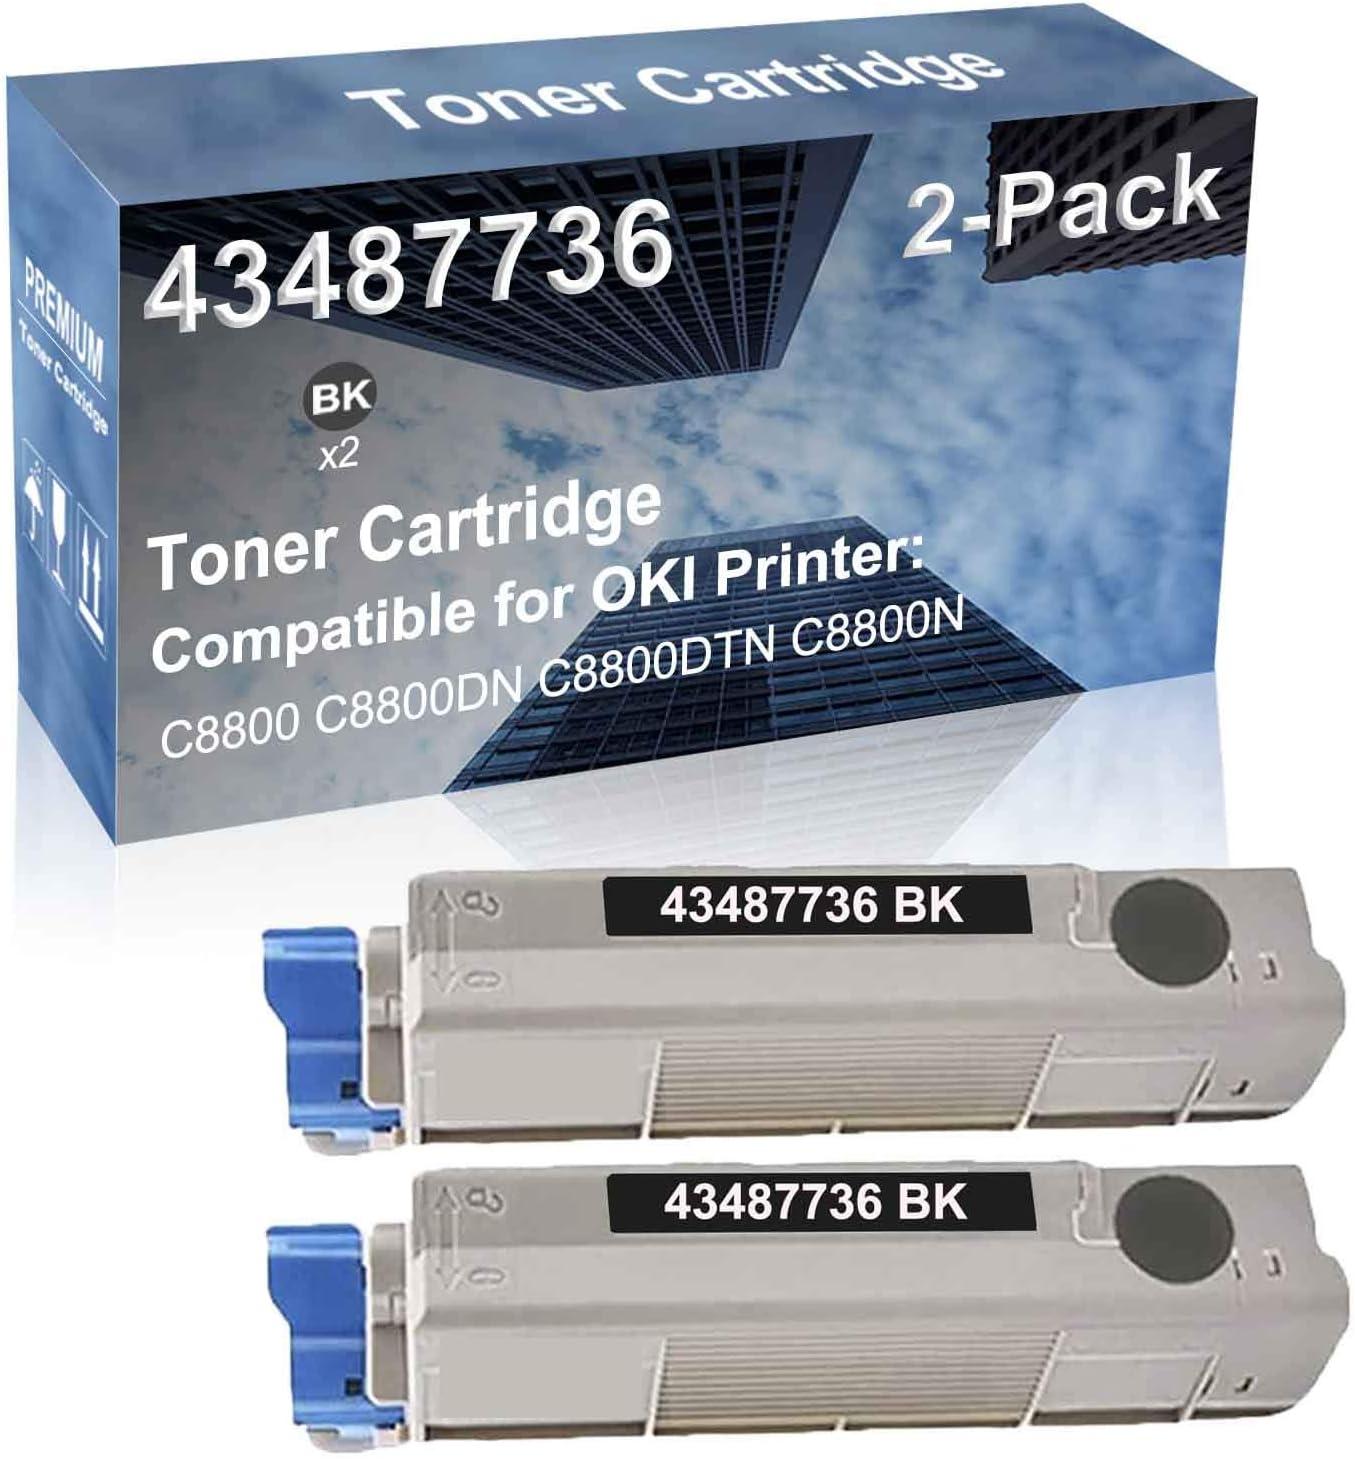 2-Pack (Black) Compatible C8800 C8800DN C8800DTN C8800N Printer Toner Cartridge High Capacity Replacement for Oki 43487736 Toner Cartridge